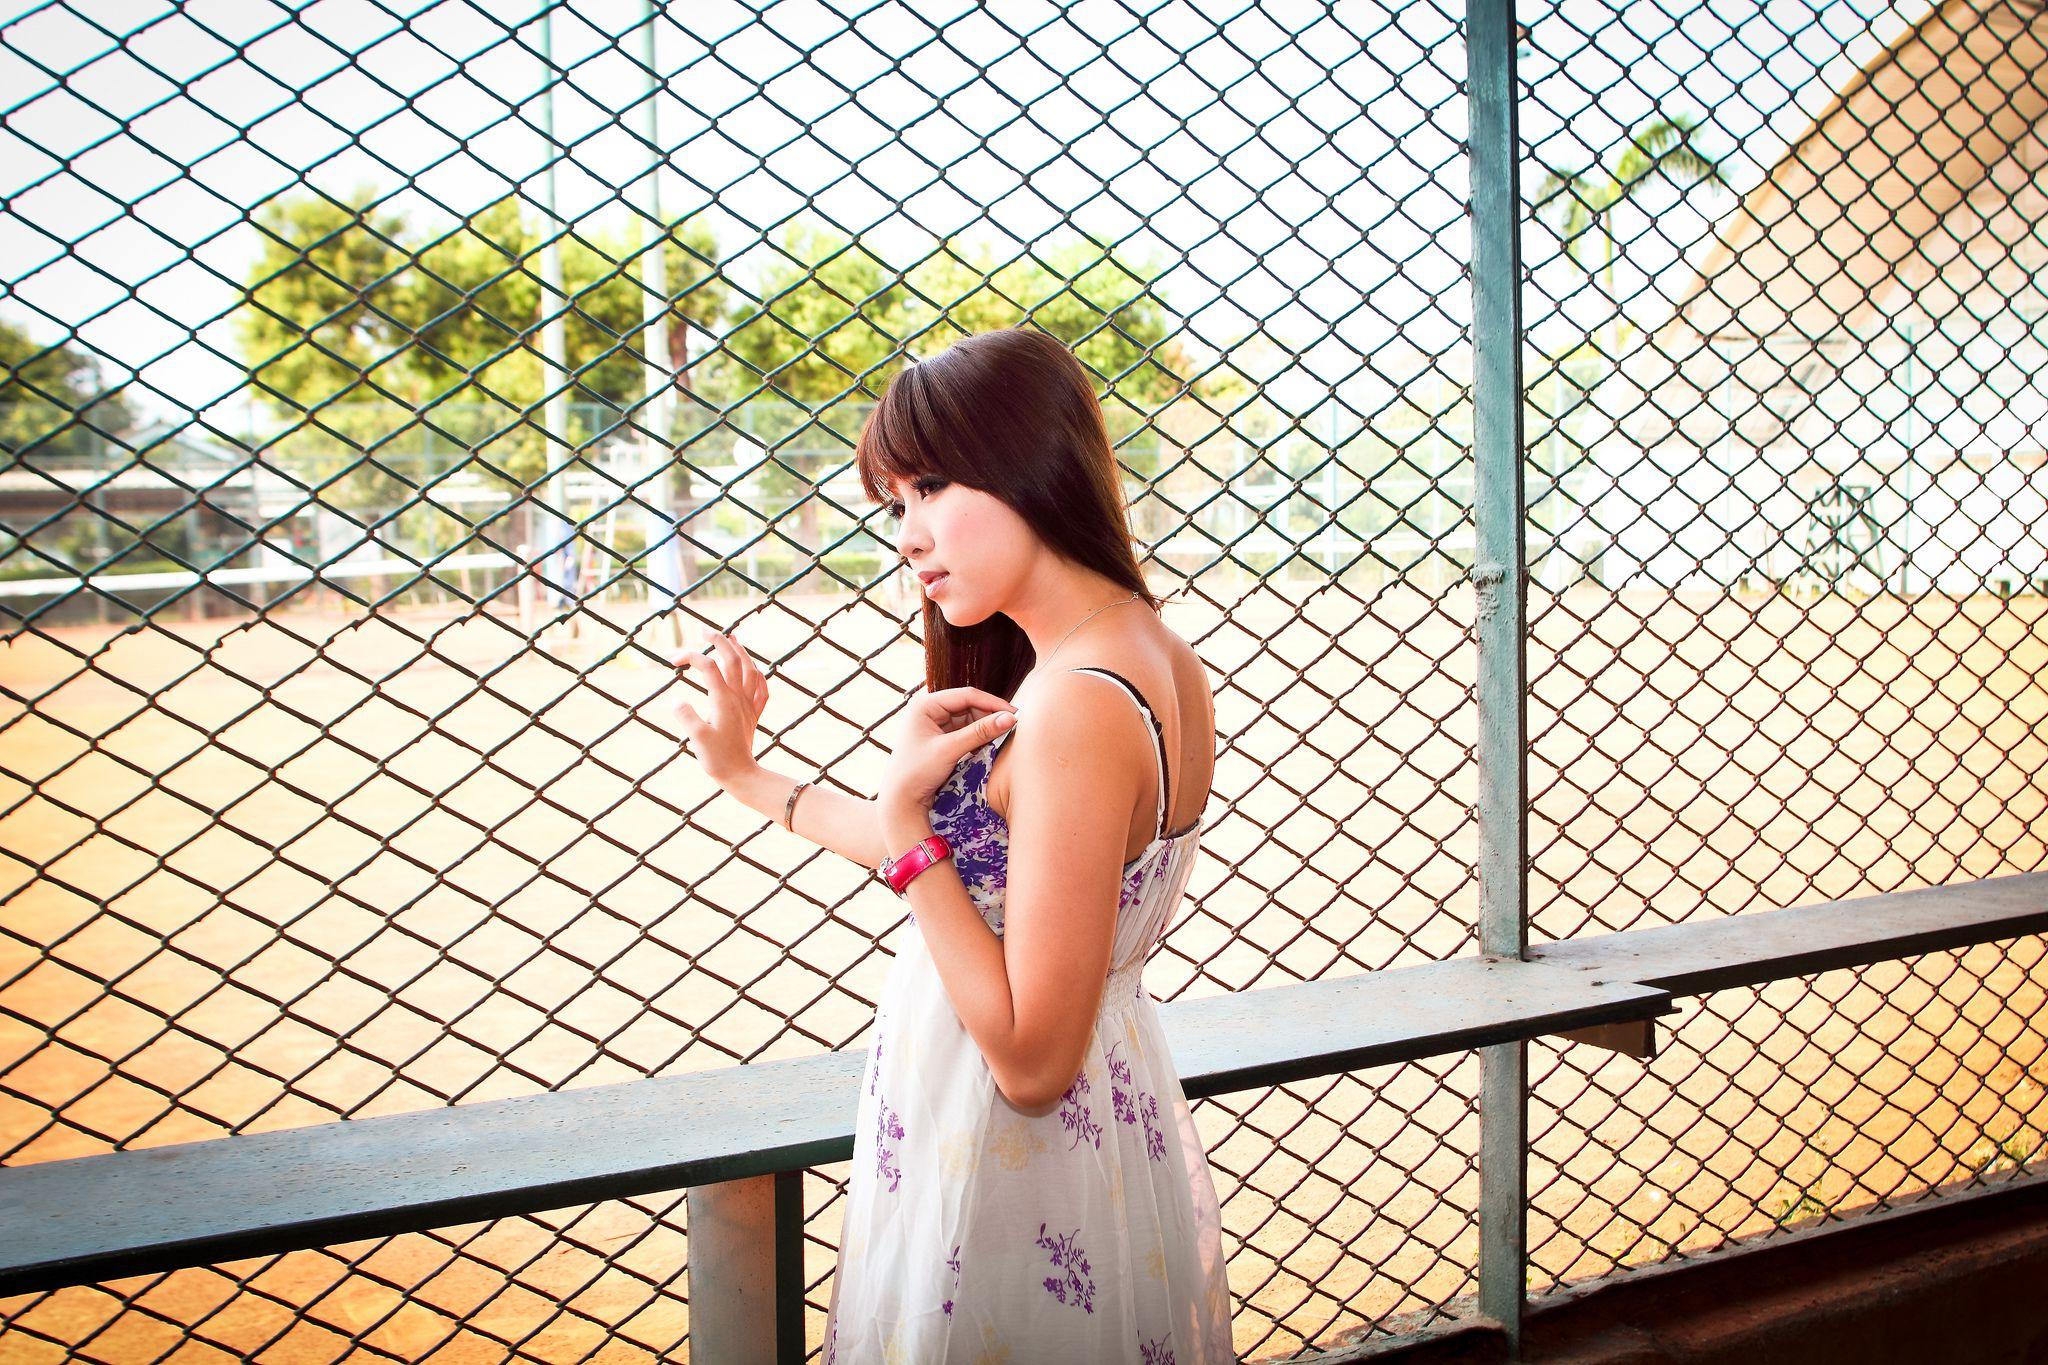 VOL.1143 [网络美女]清新唯美街拍外拍:陈妘安(小雯Ivy)高品质写真套图(42P)